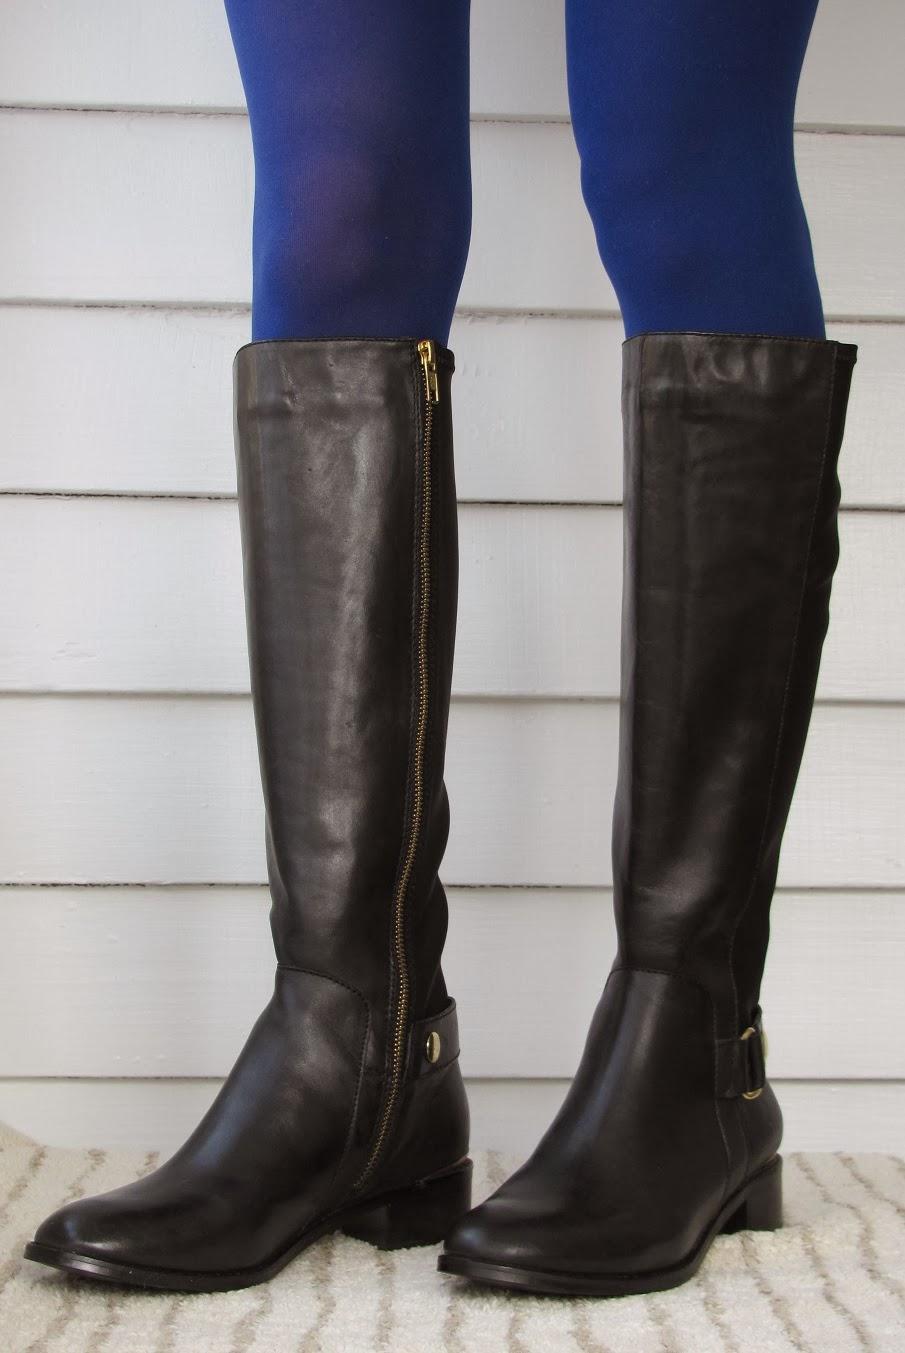 bb6b89e3b4f2 Howdy slim riding boots for thin calves steve madden ryyder jpg 905x1353 Steve  madden skinny